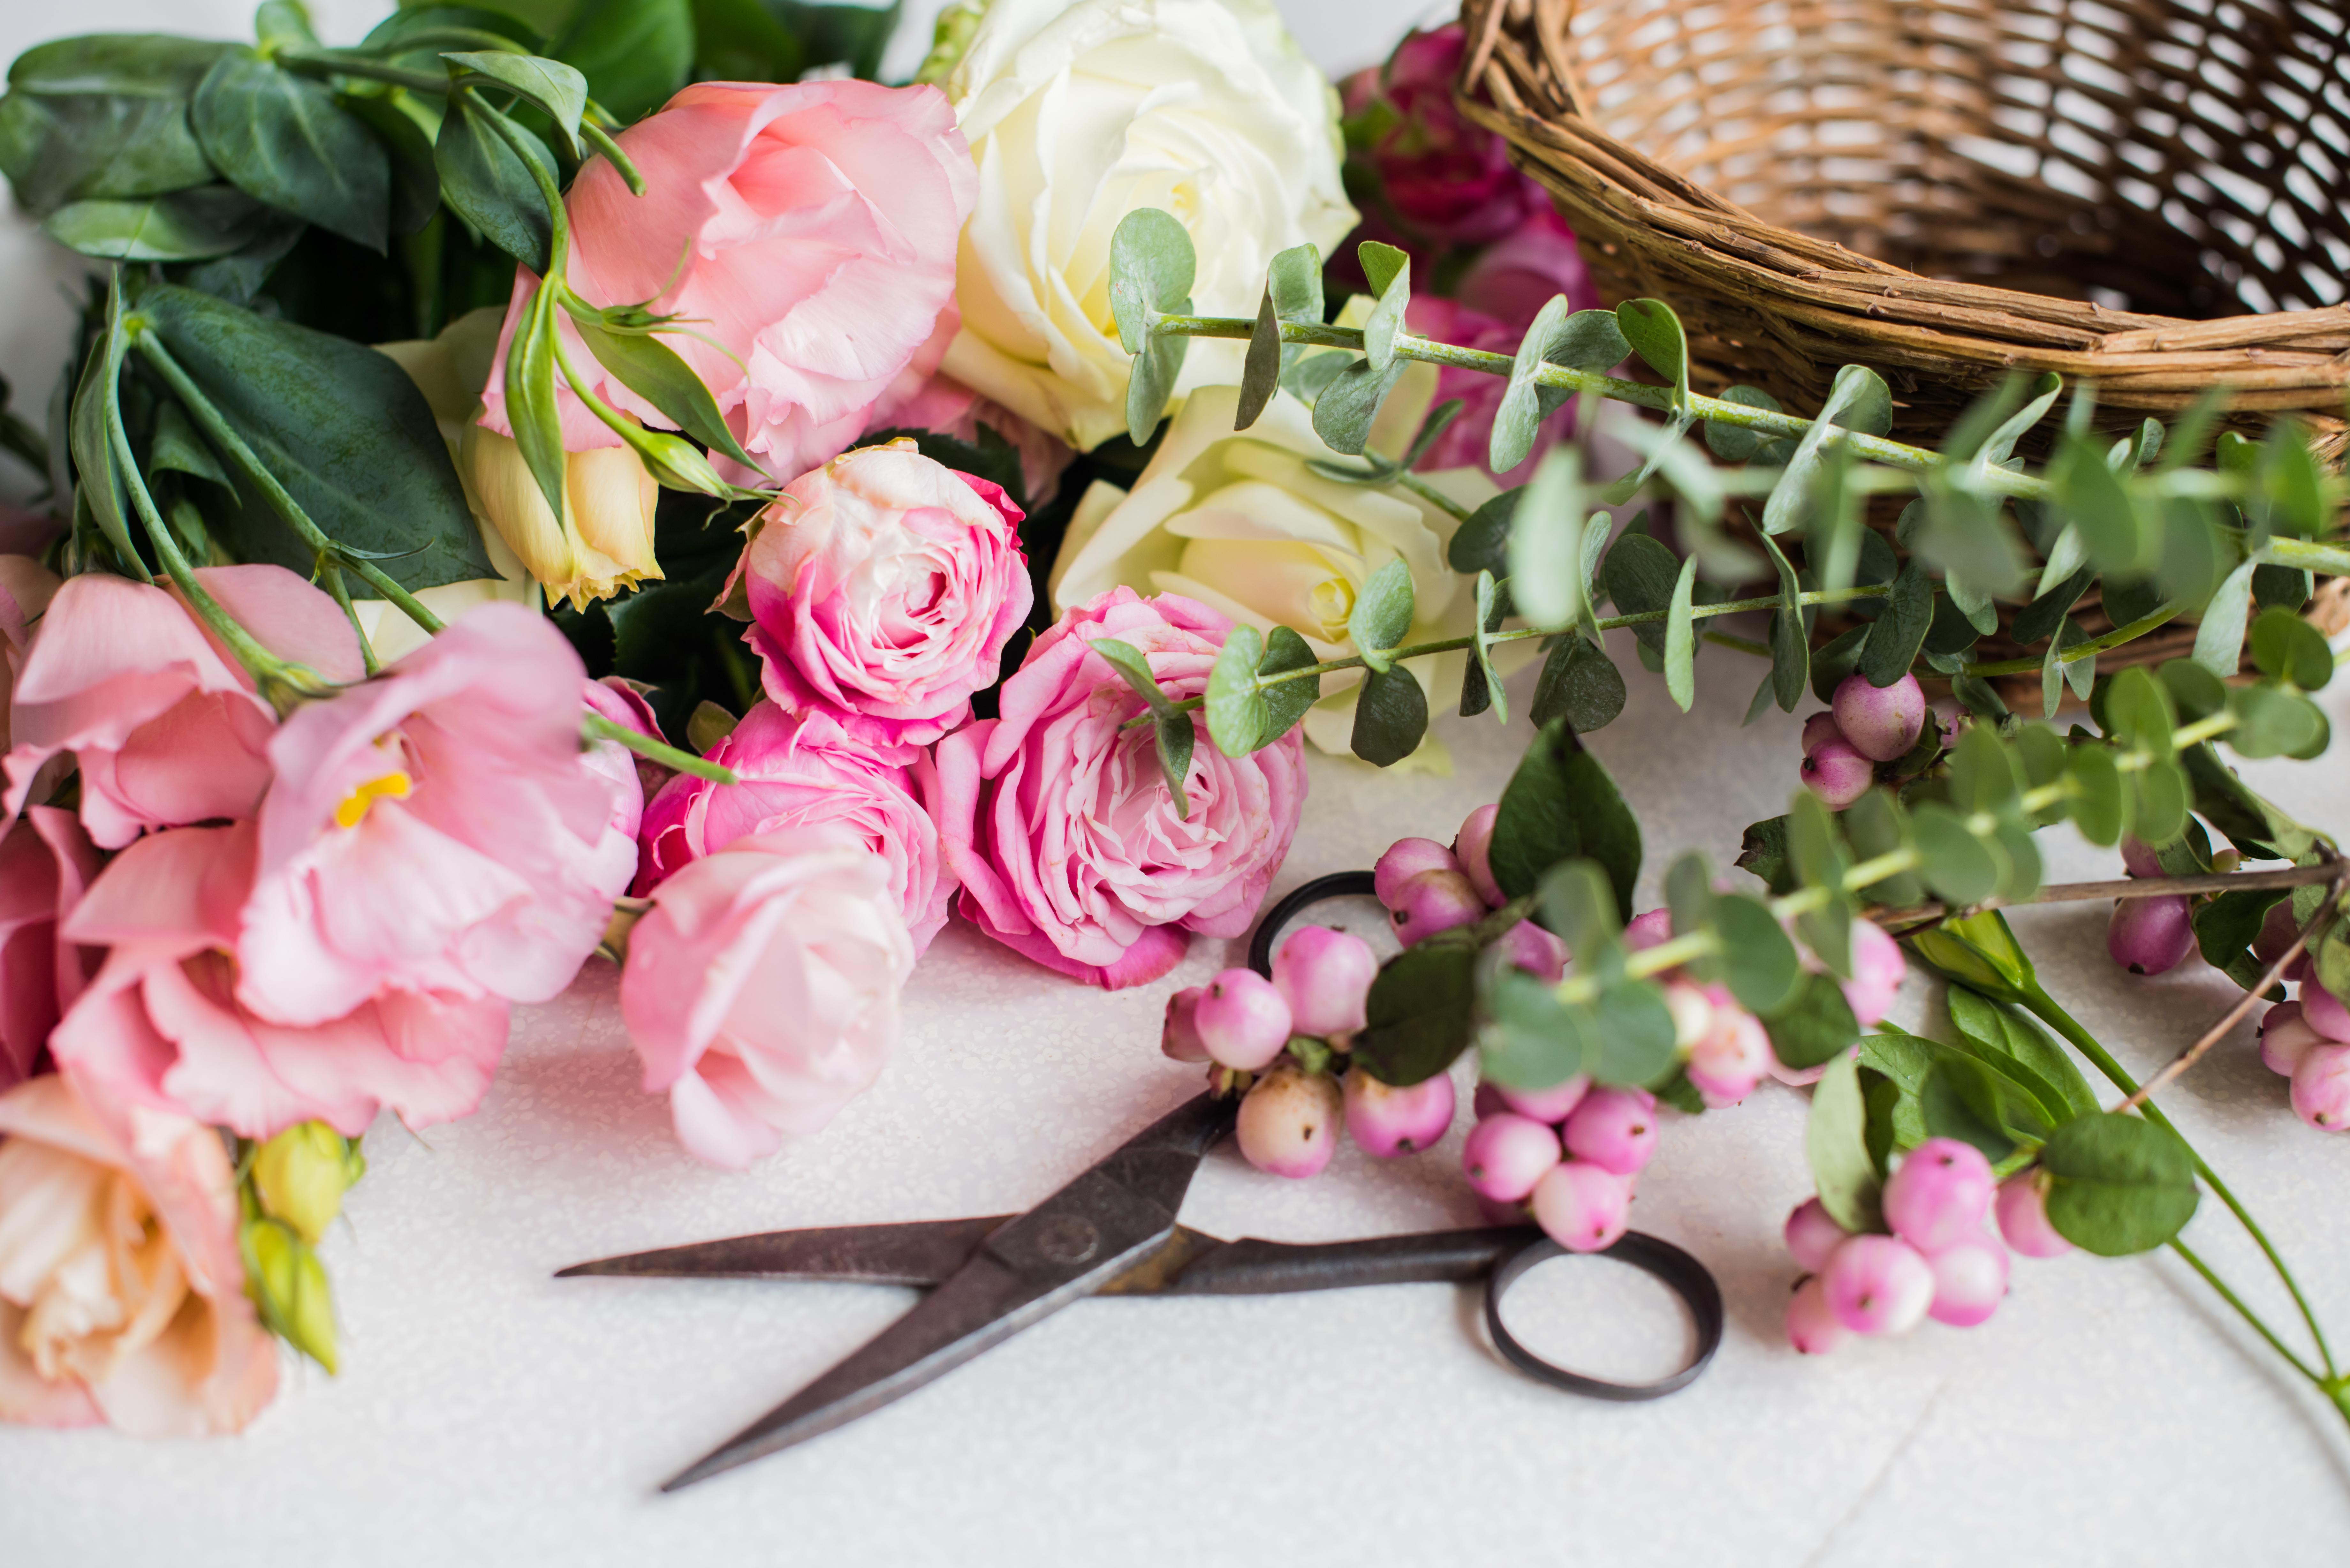 ¿Cómo funciona Interflora? Ventajas de enviar flores y elegir a los mejores para regalar ilusión